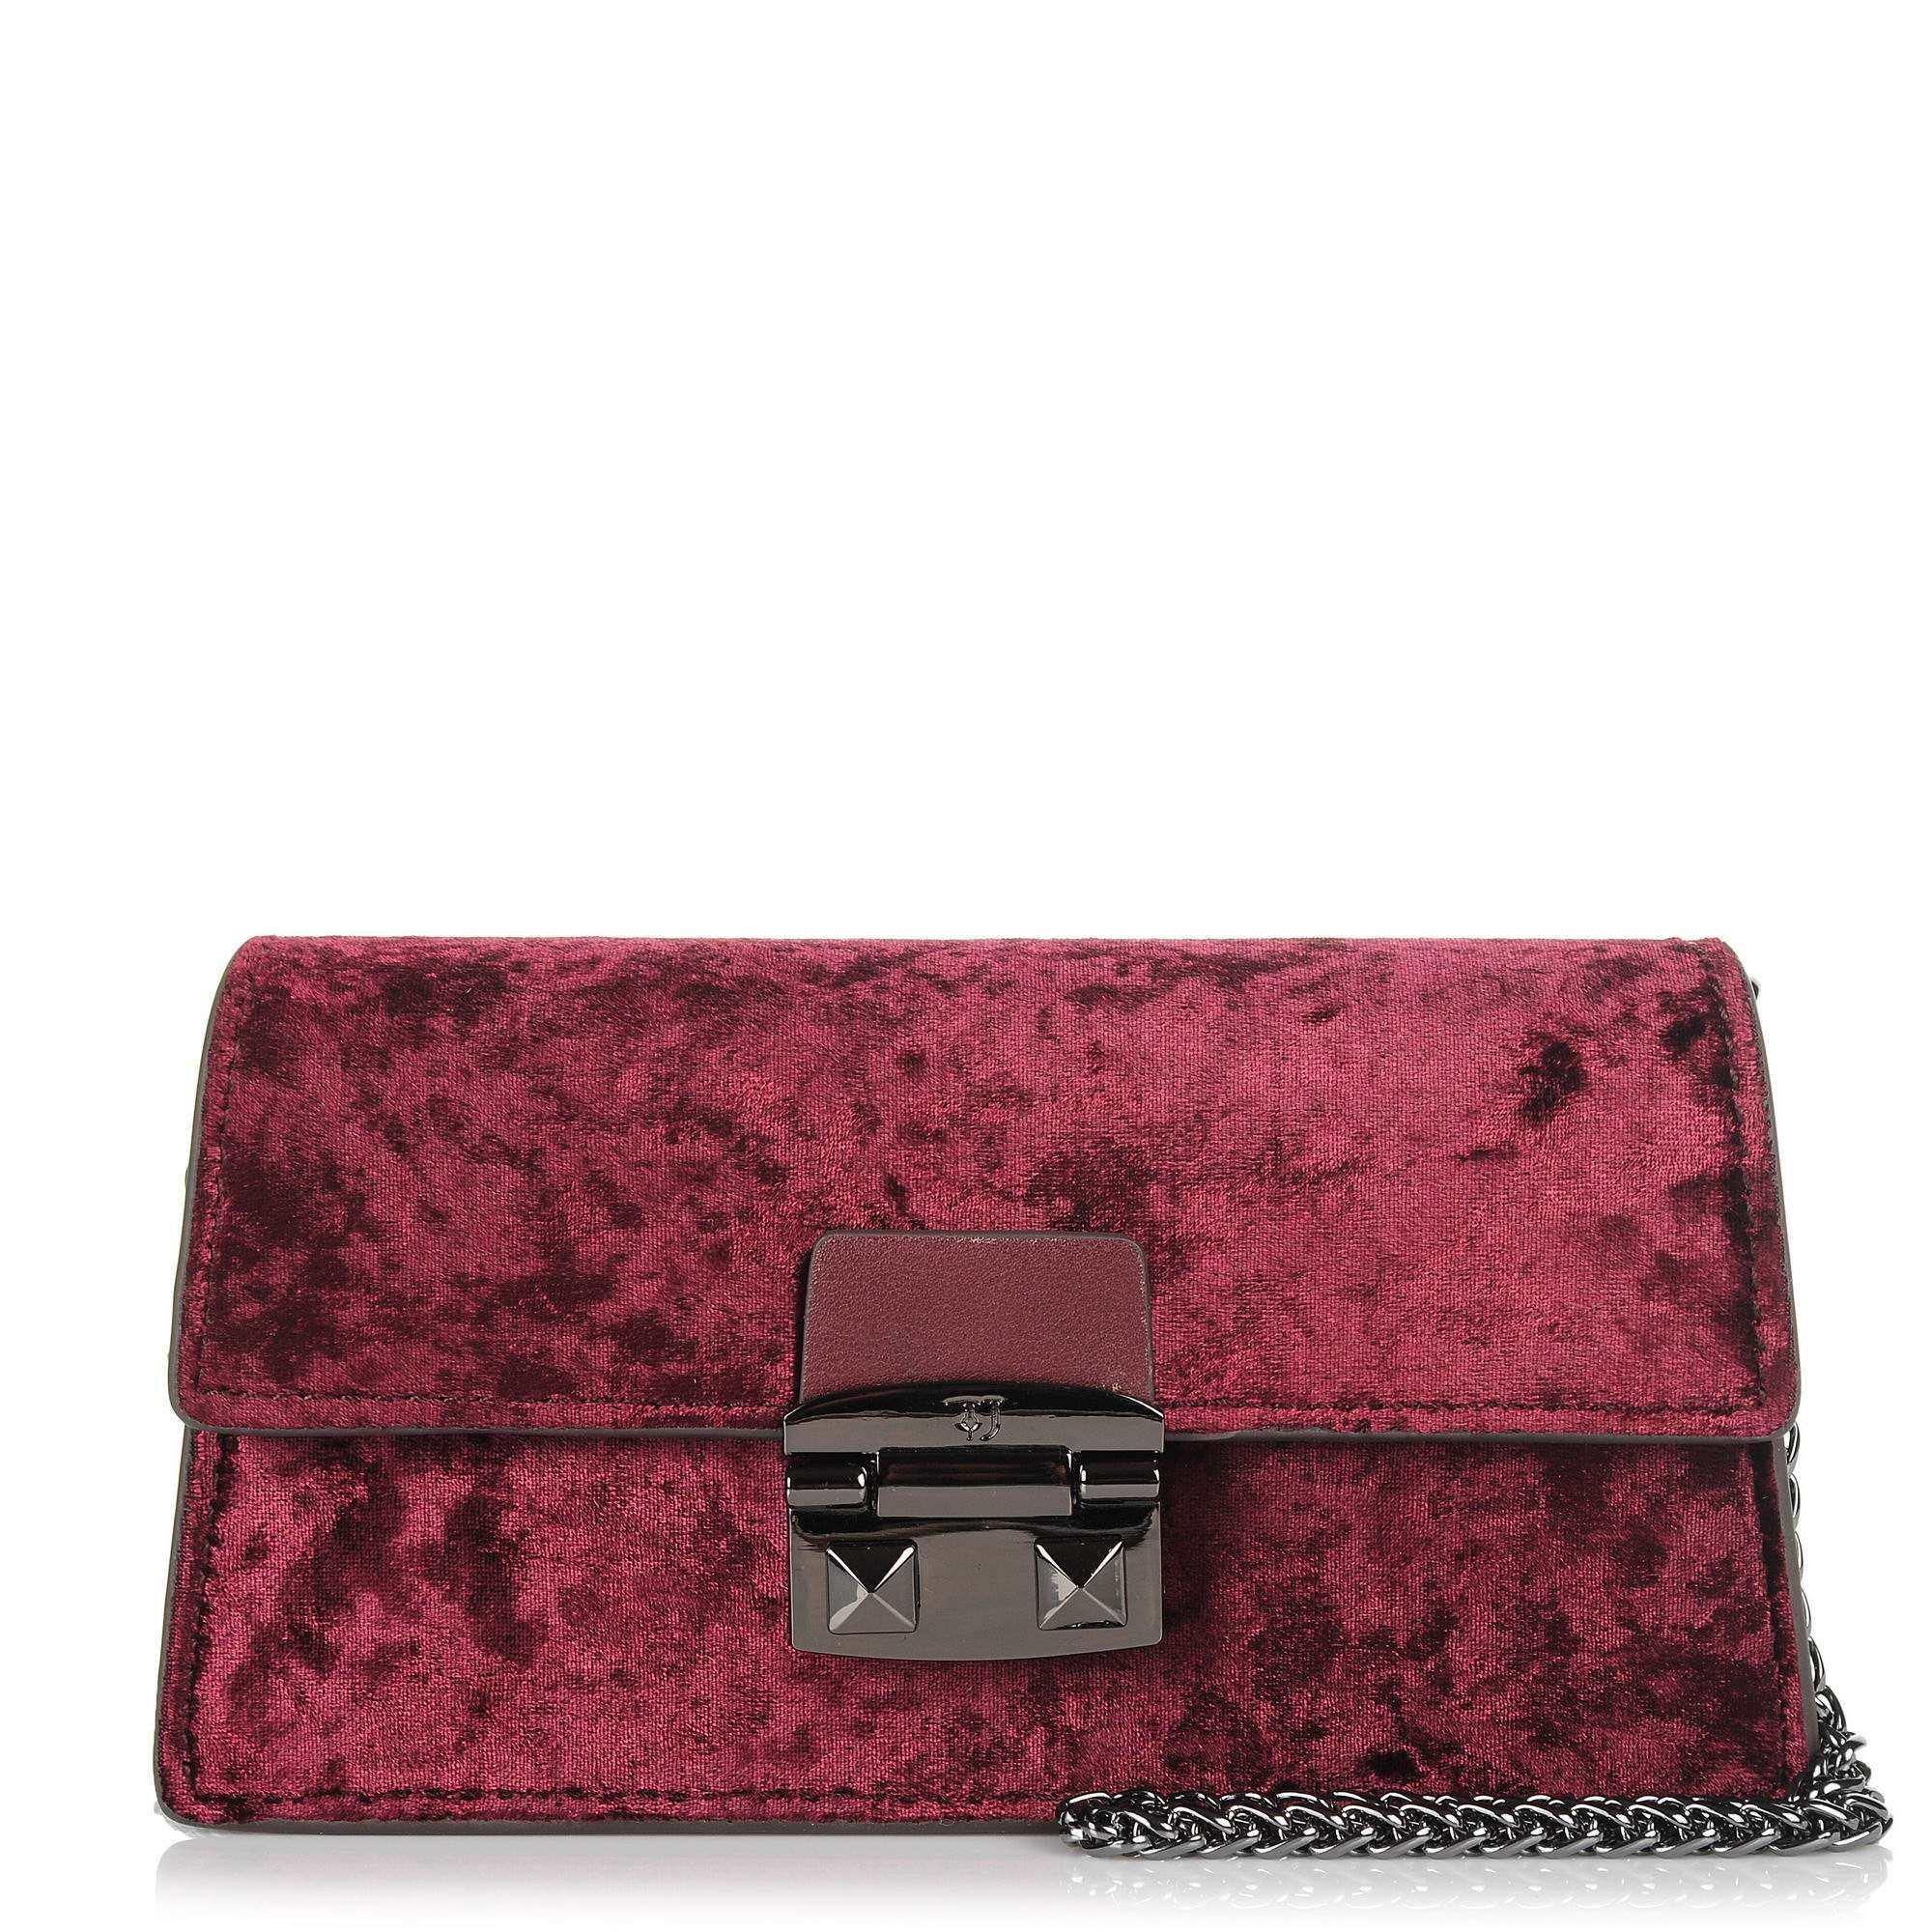 Αμπιγιέ Τσαντάκι Trussardi Jeans Coriandolo Mini Bag Ecoleather/Velvet 75B00554 γυναικα   αμπιγιέ